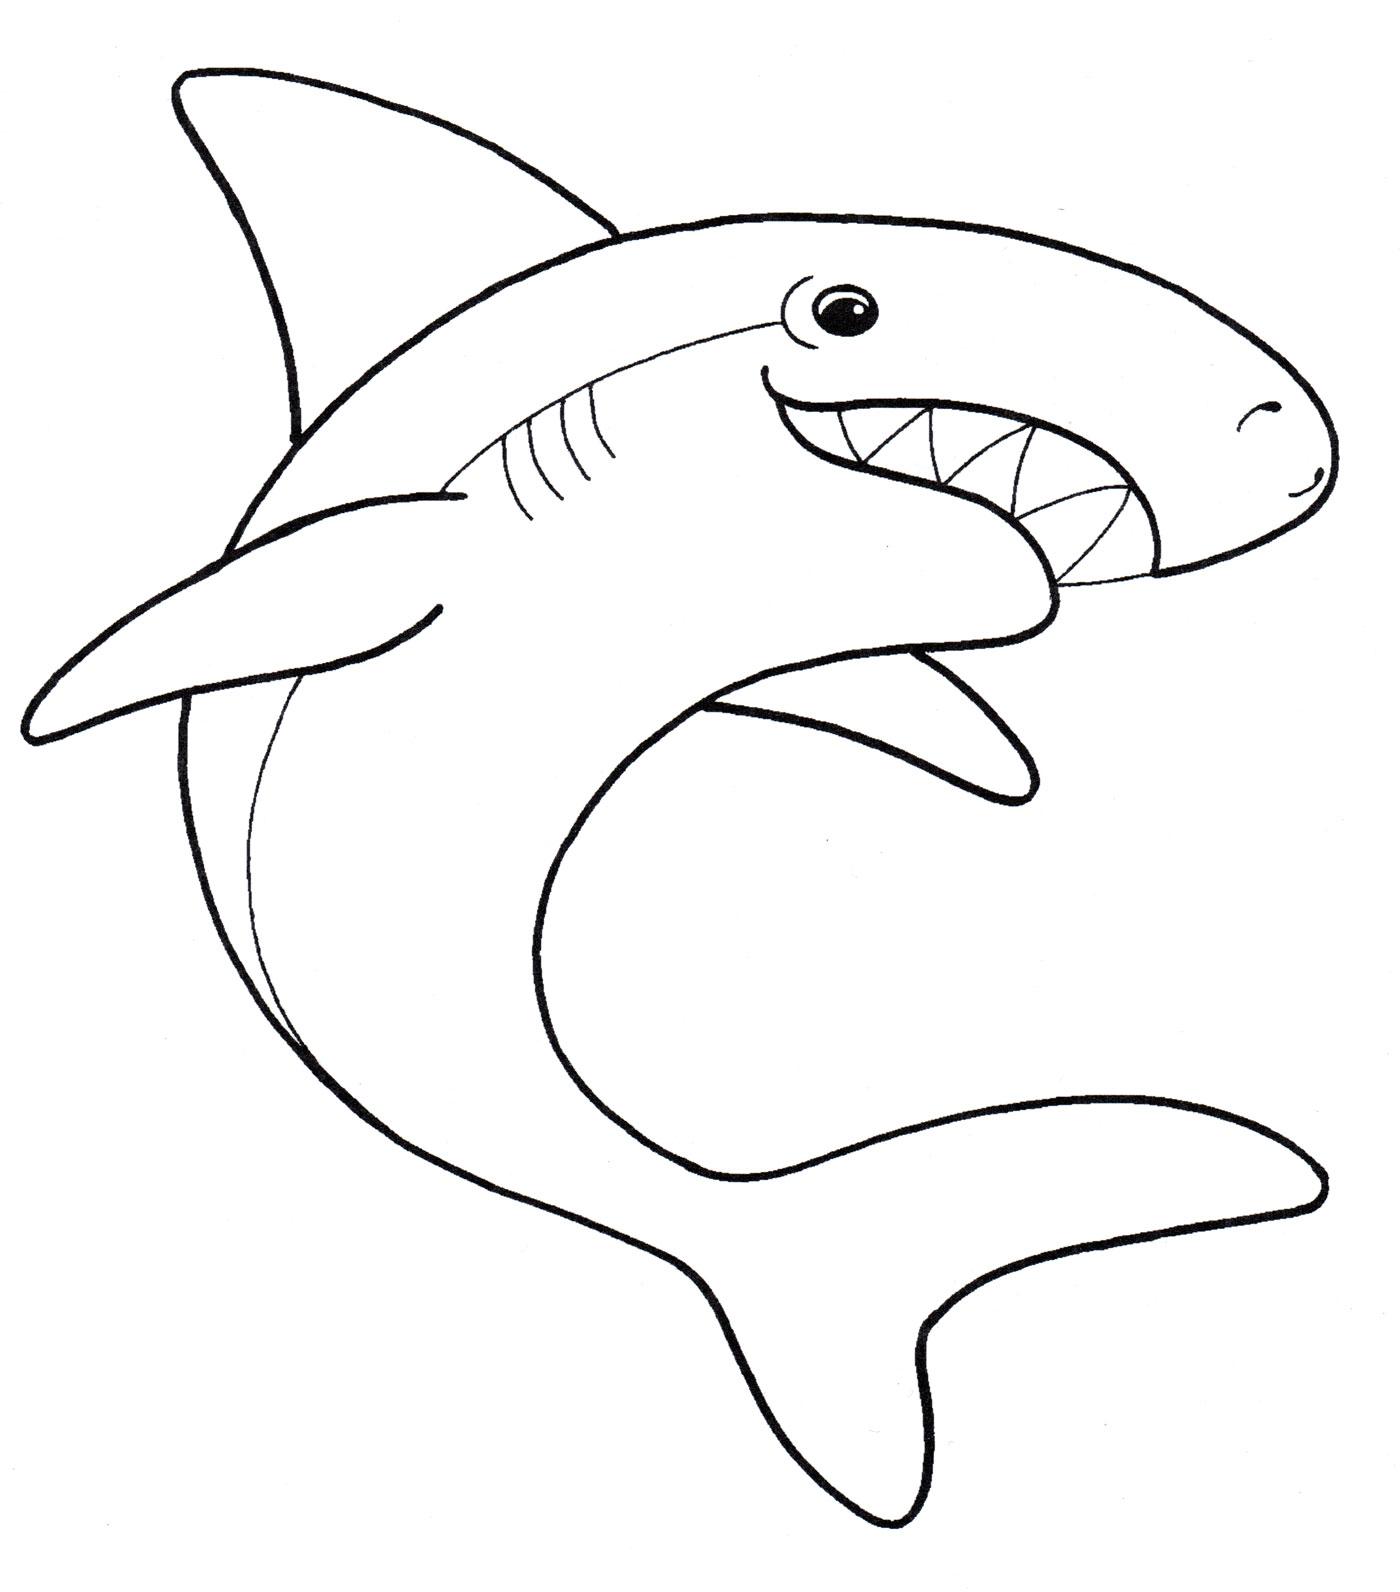 Раскраска Зубастая акула - распечатать бесплатно